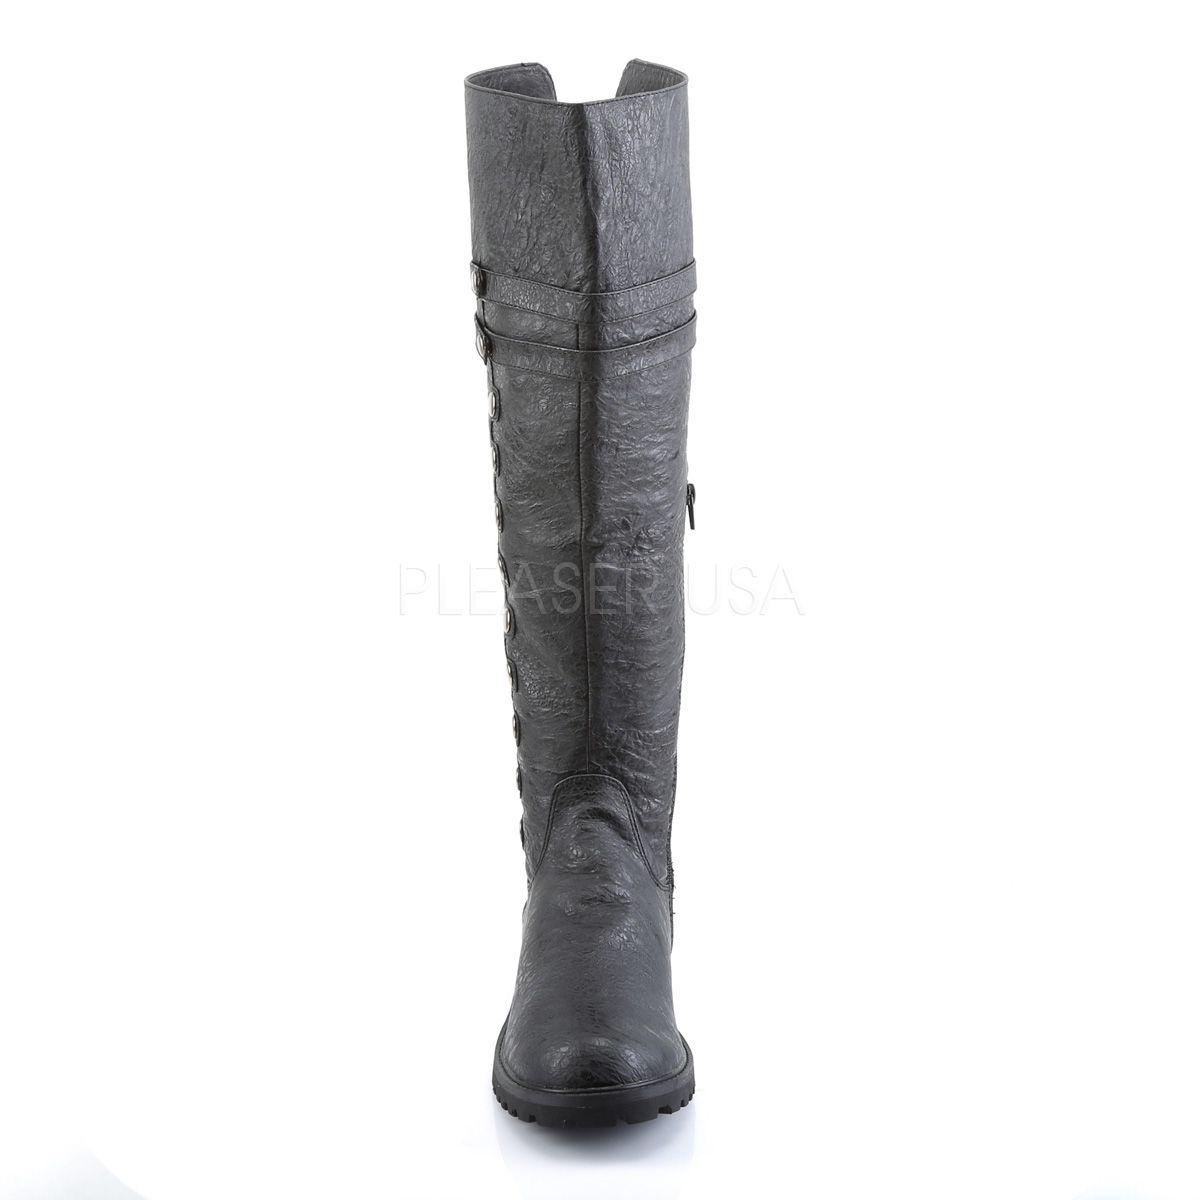 Botas de hombre para disfraz en cuero sintético abotonadas y con la caña plegada